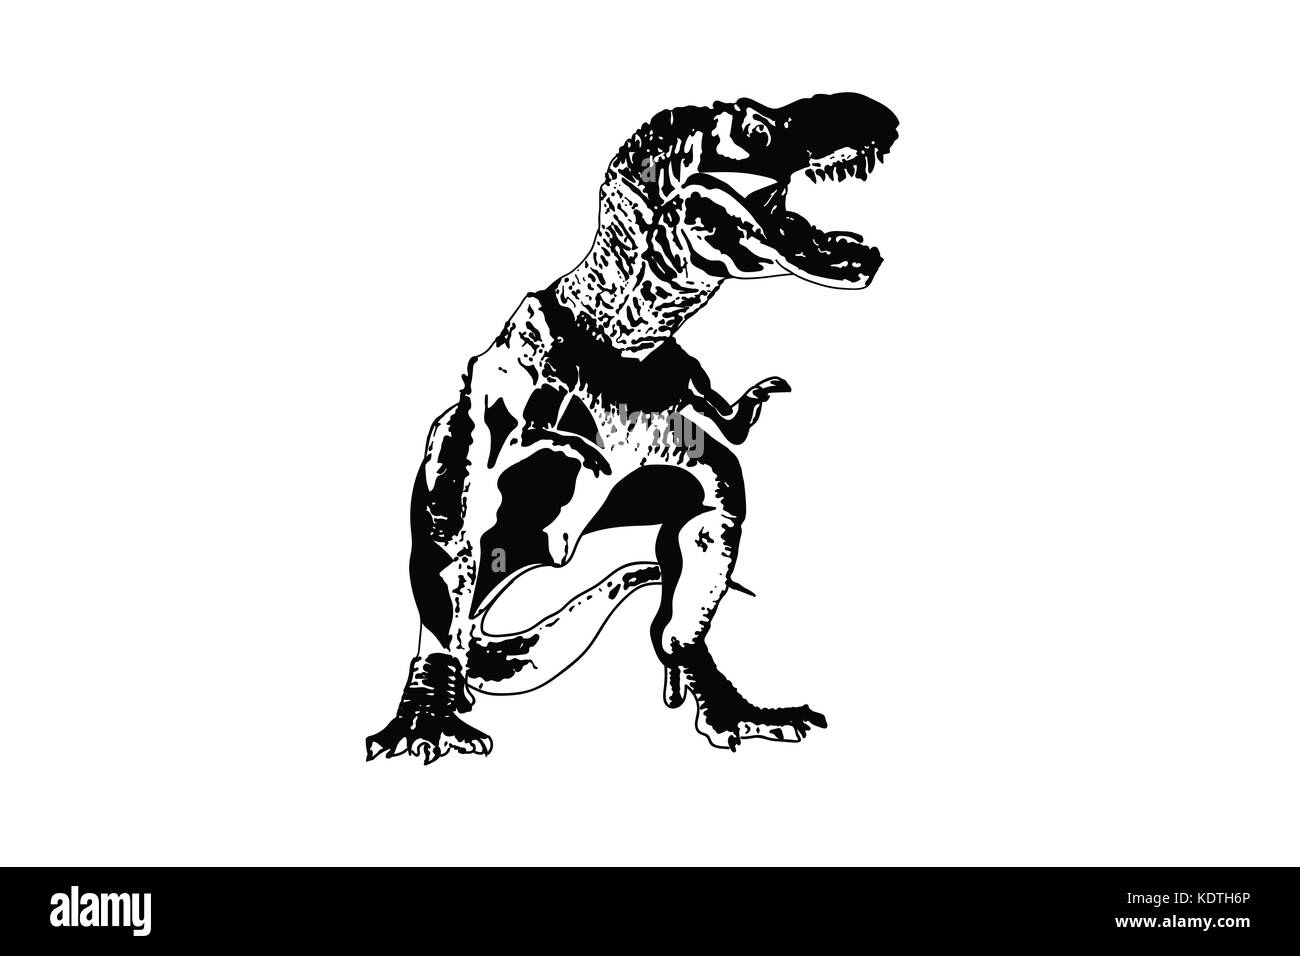 T Rex Dinosaur Ancient Animals Vector